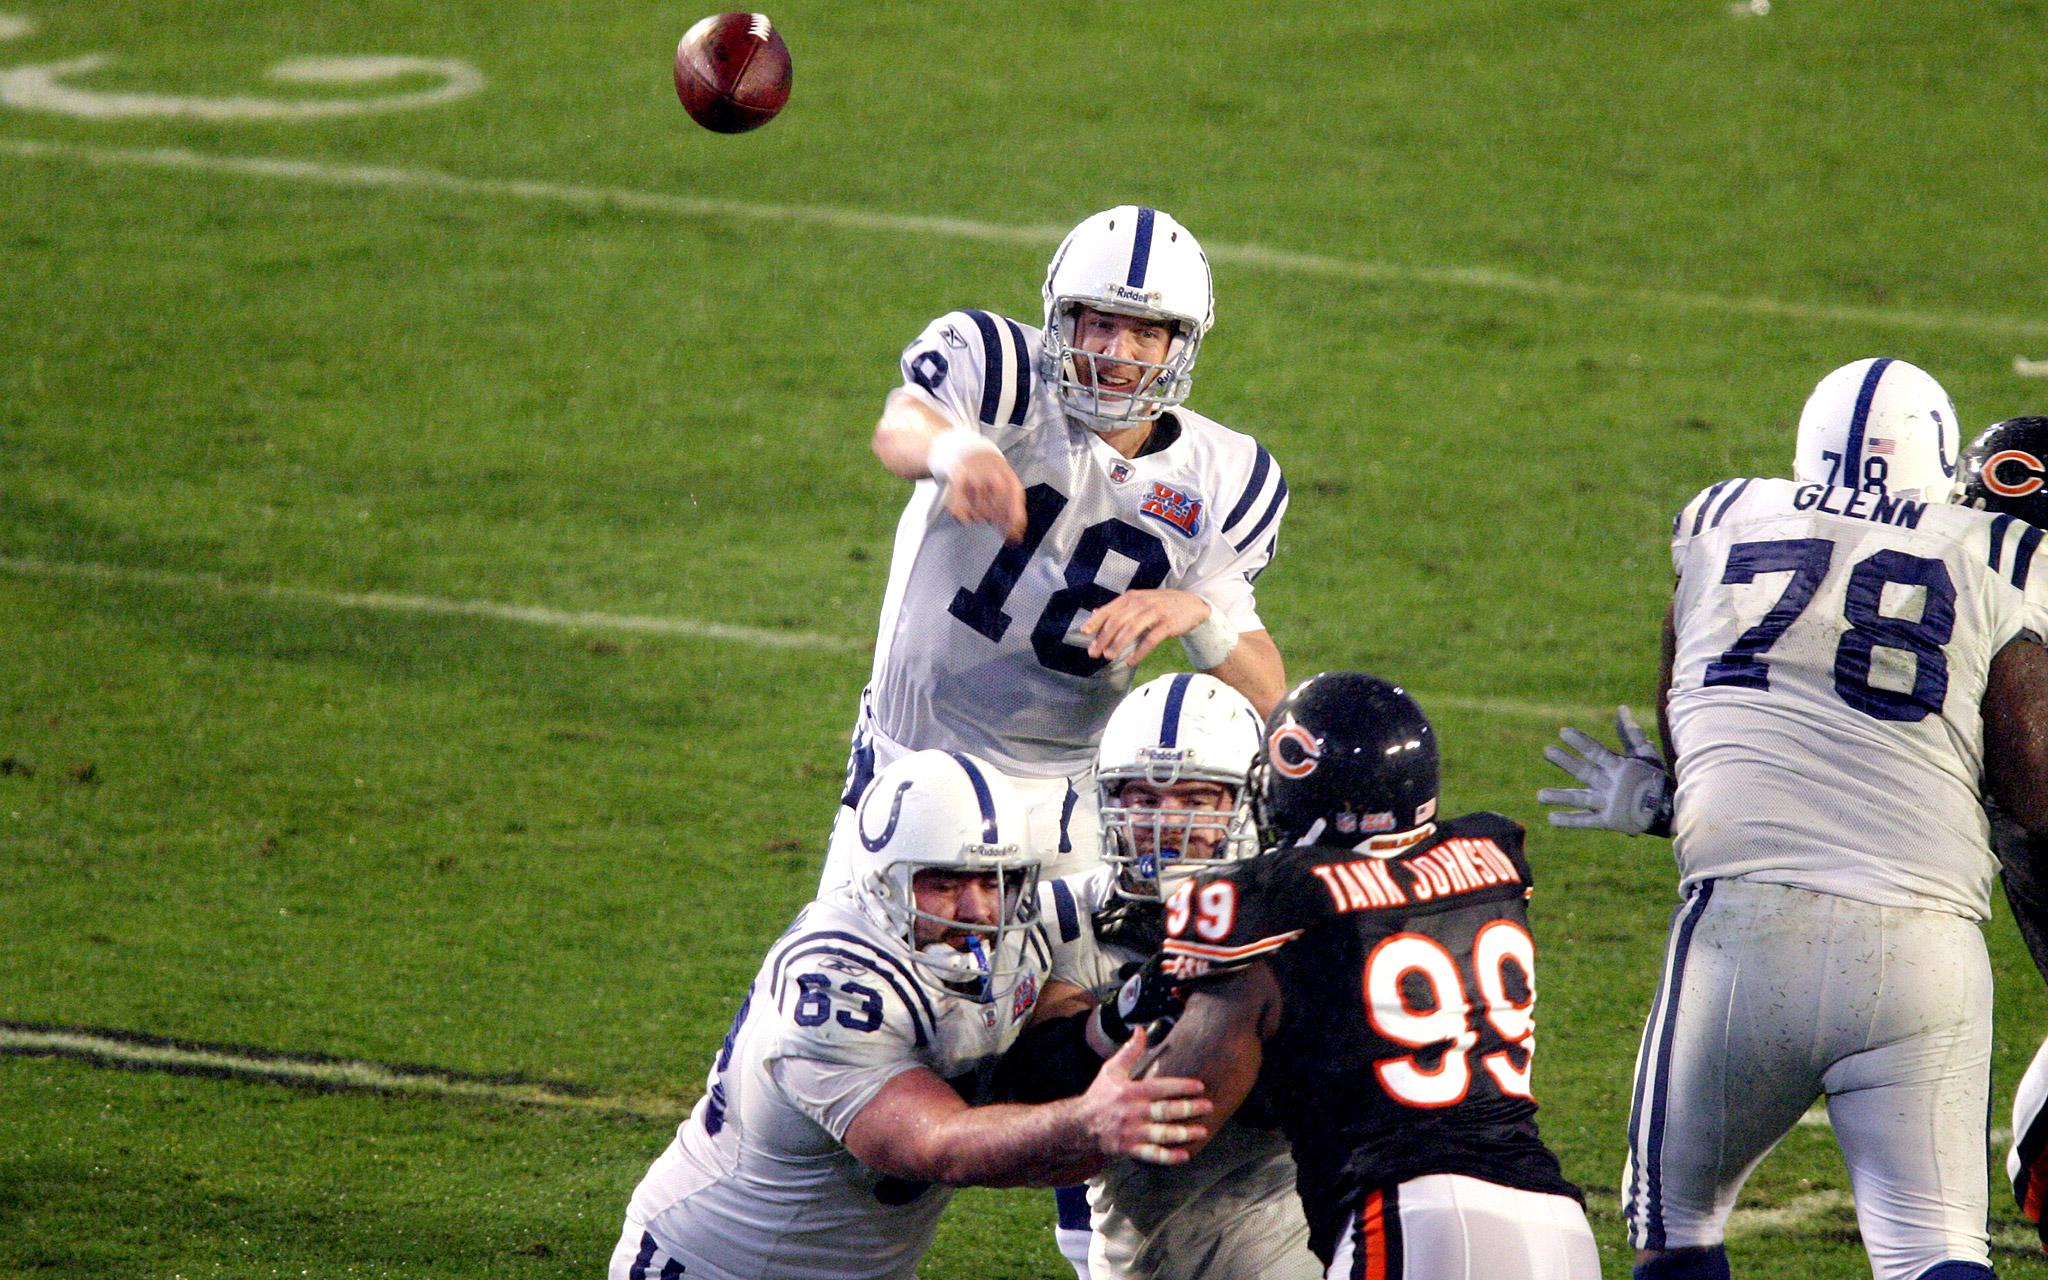 Peyton Manning - Super Bowl XLI (25/38, 247 yards, 1 TD, 1 INT)